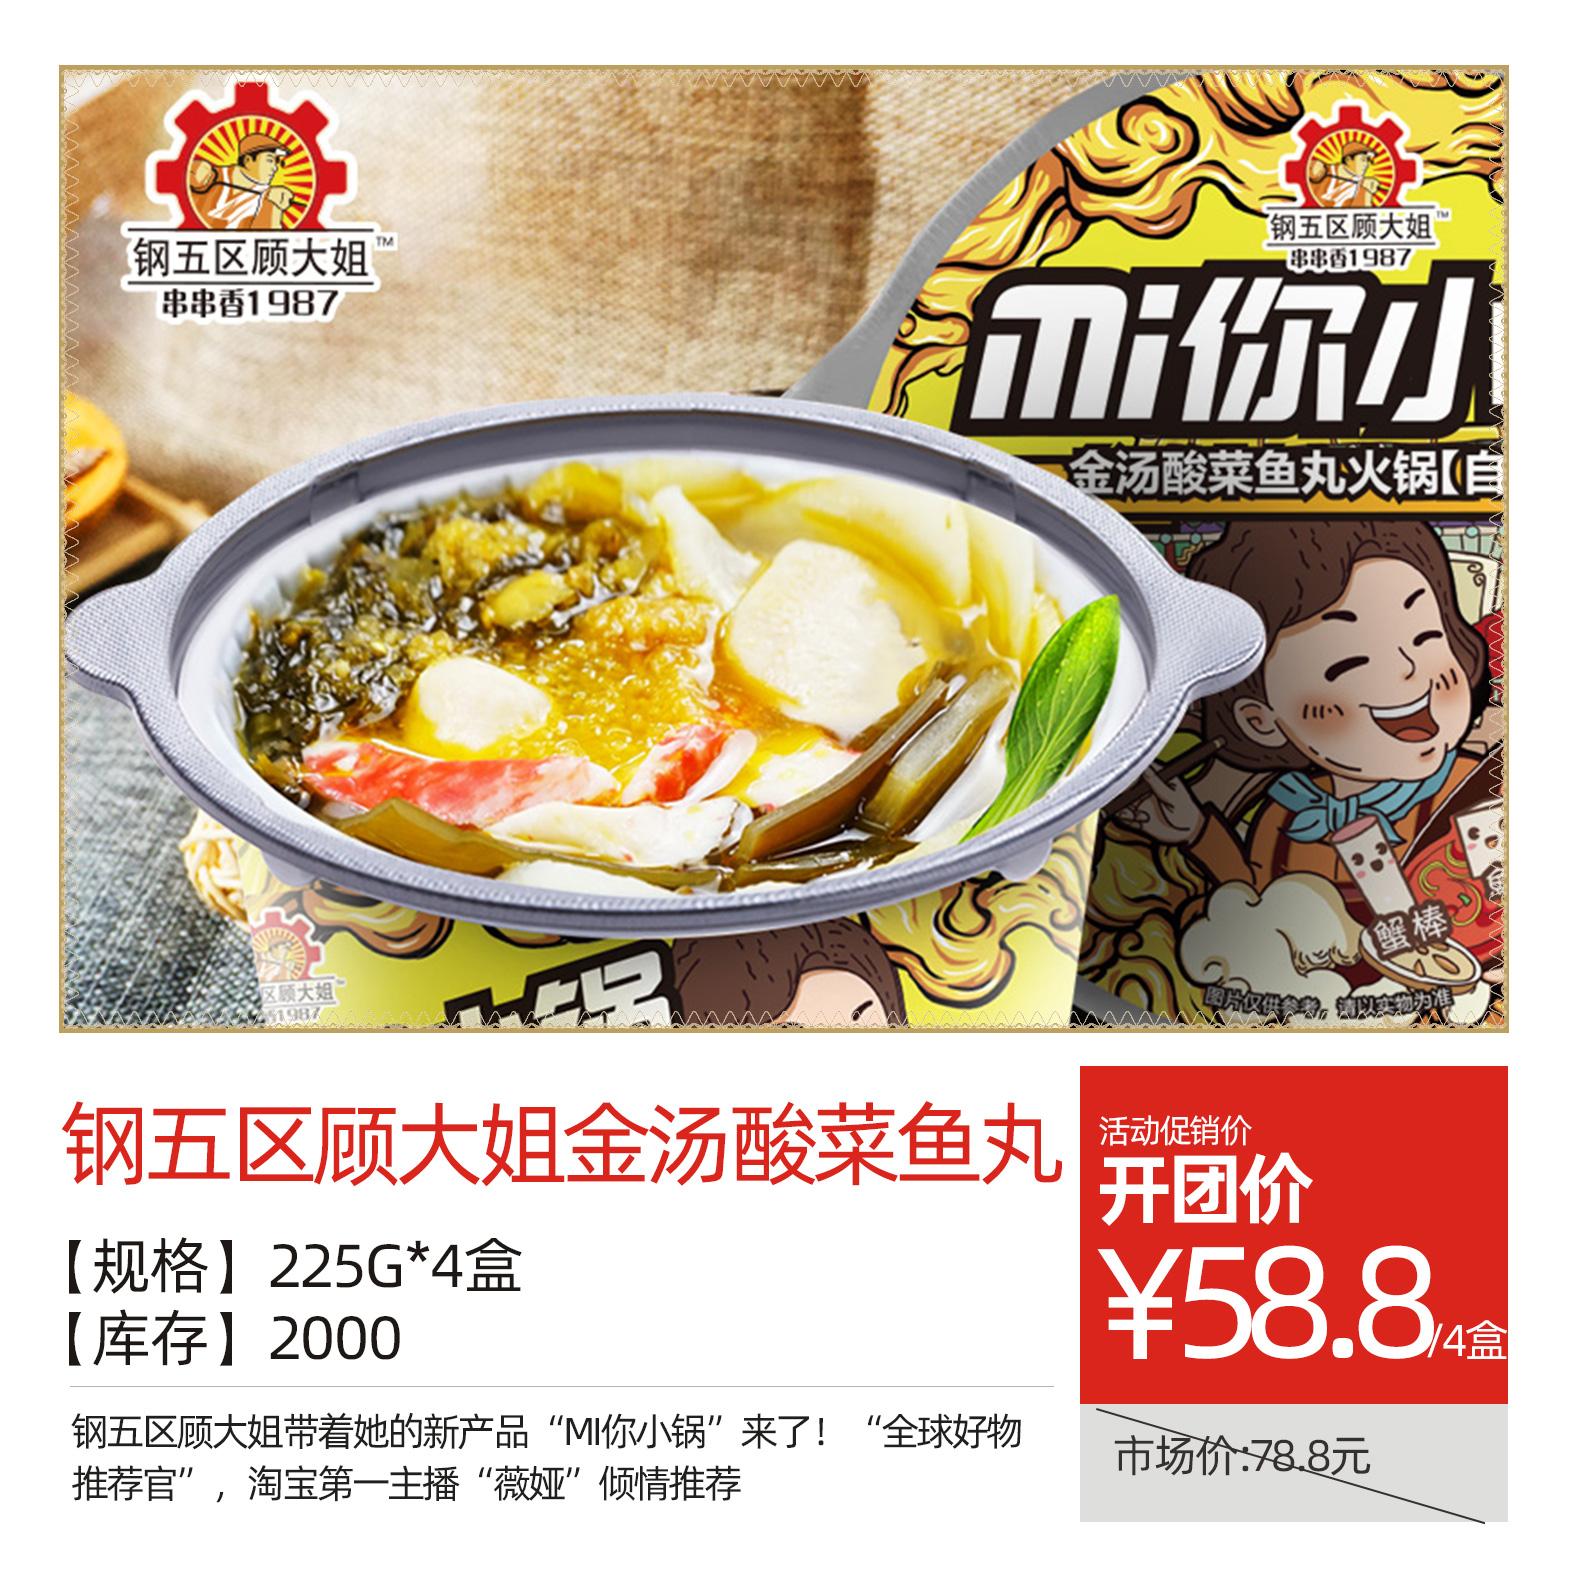 钢五区顾大姐金汤酸菜鱼丸225g/盒*4盒